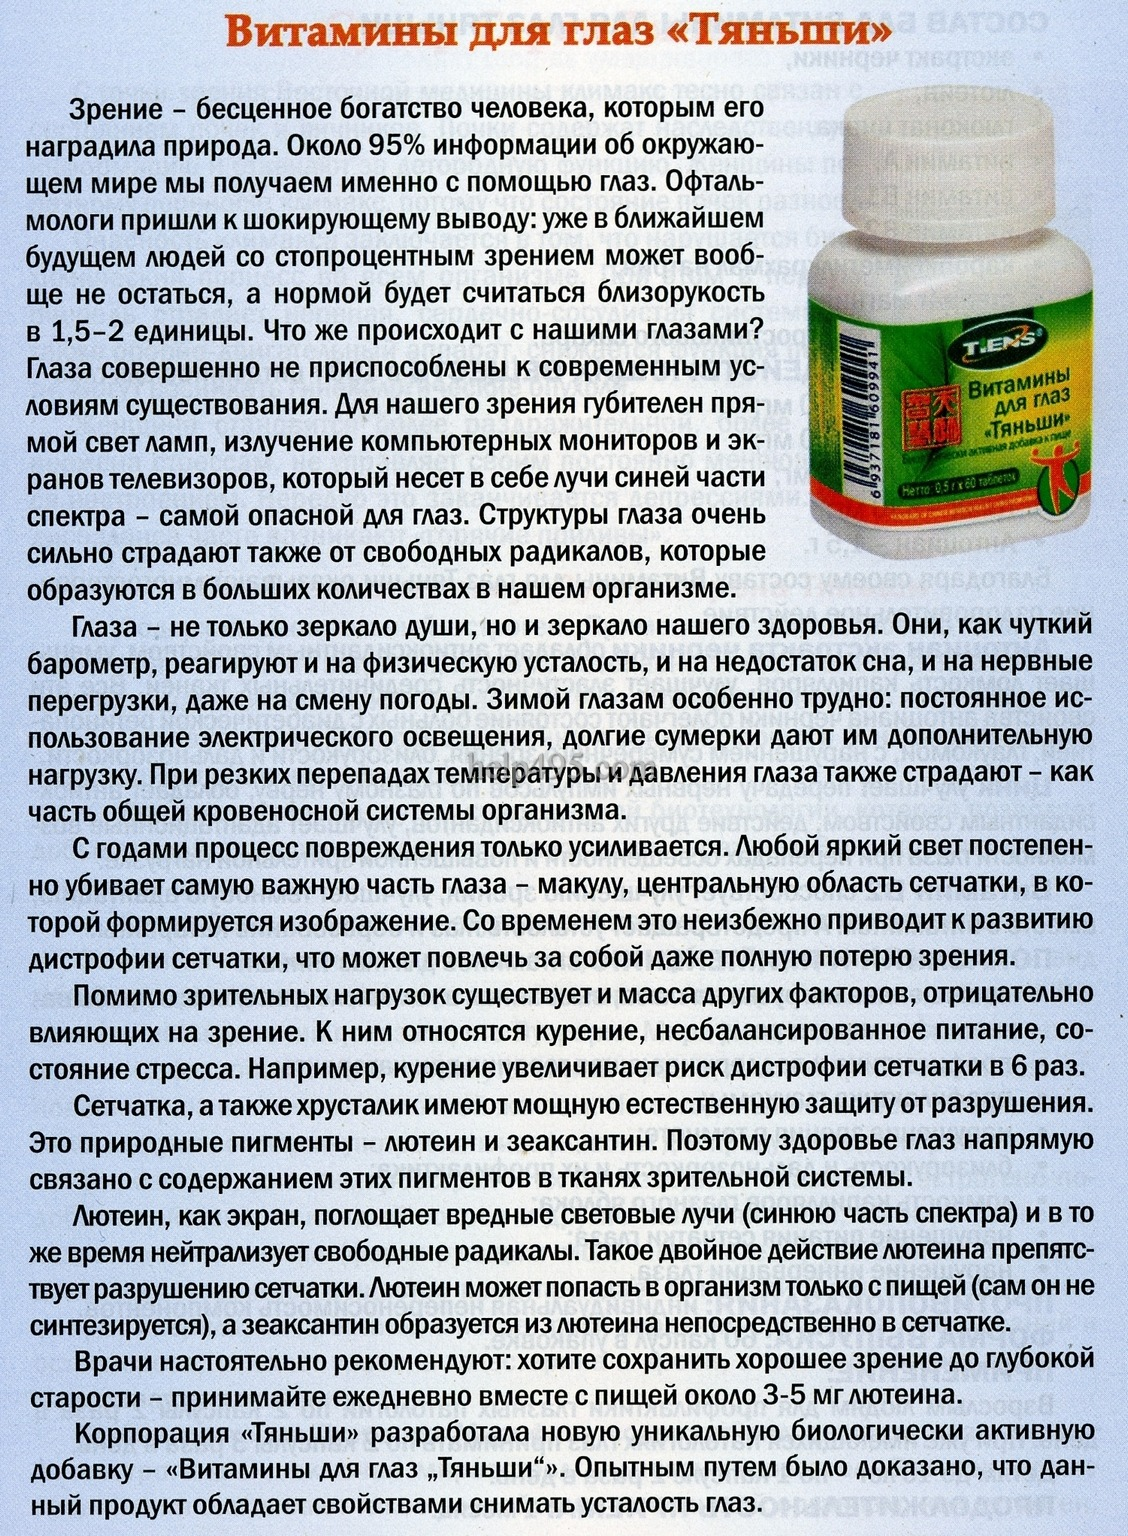 Описание витаминов для глаз Тяньши